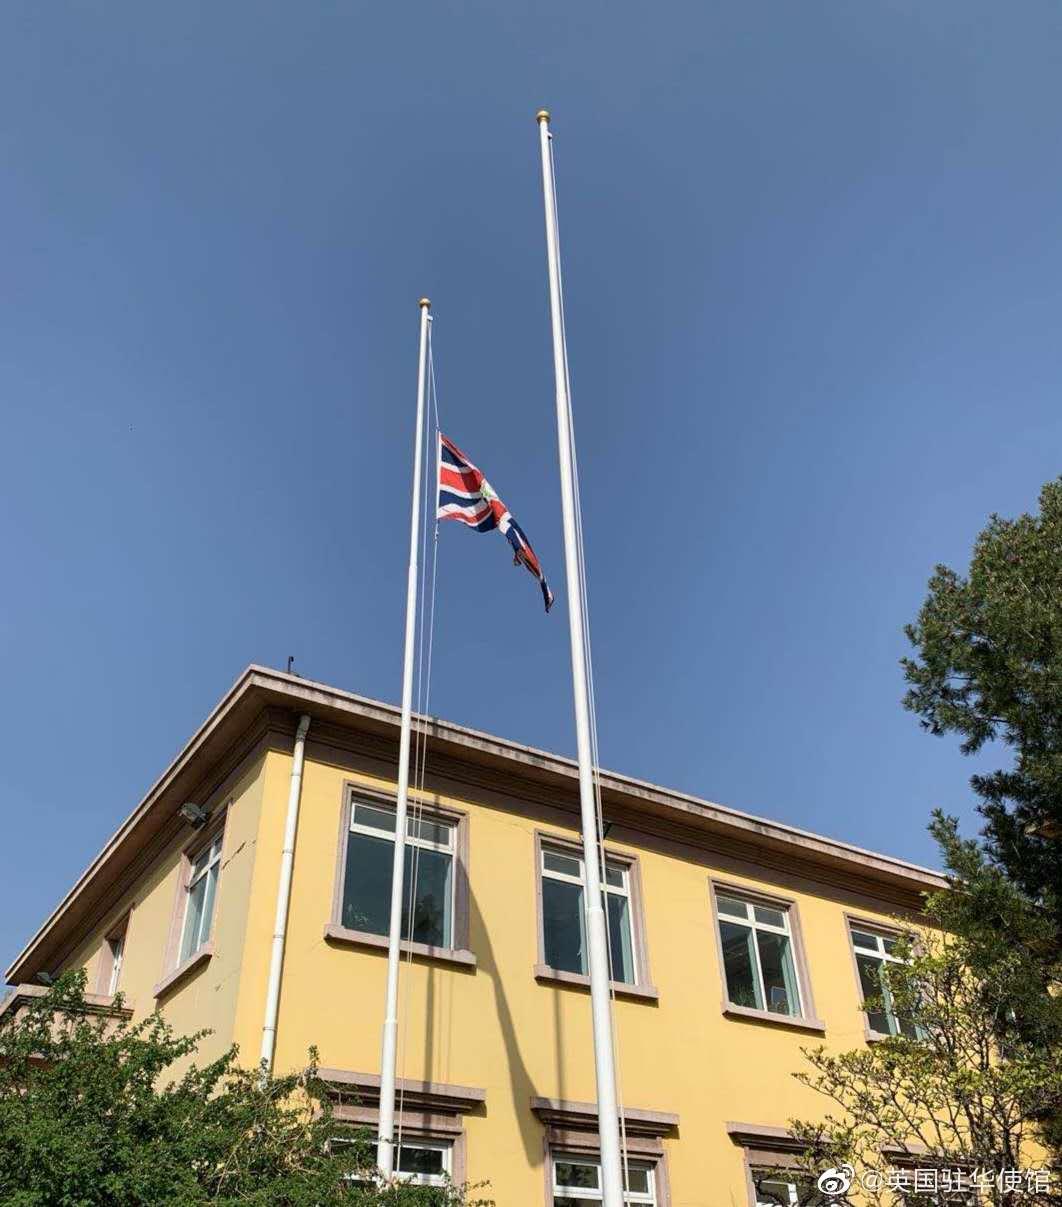 降半旗、发悼文,多国驻华使馆参与中国全国哀悼日活动